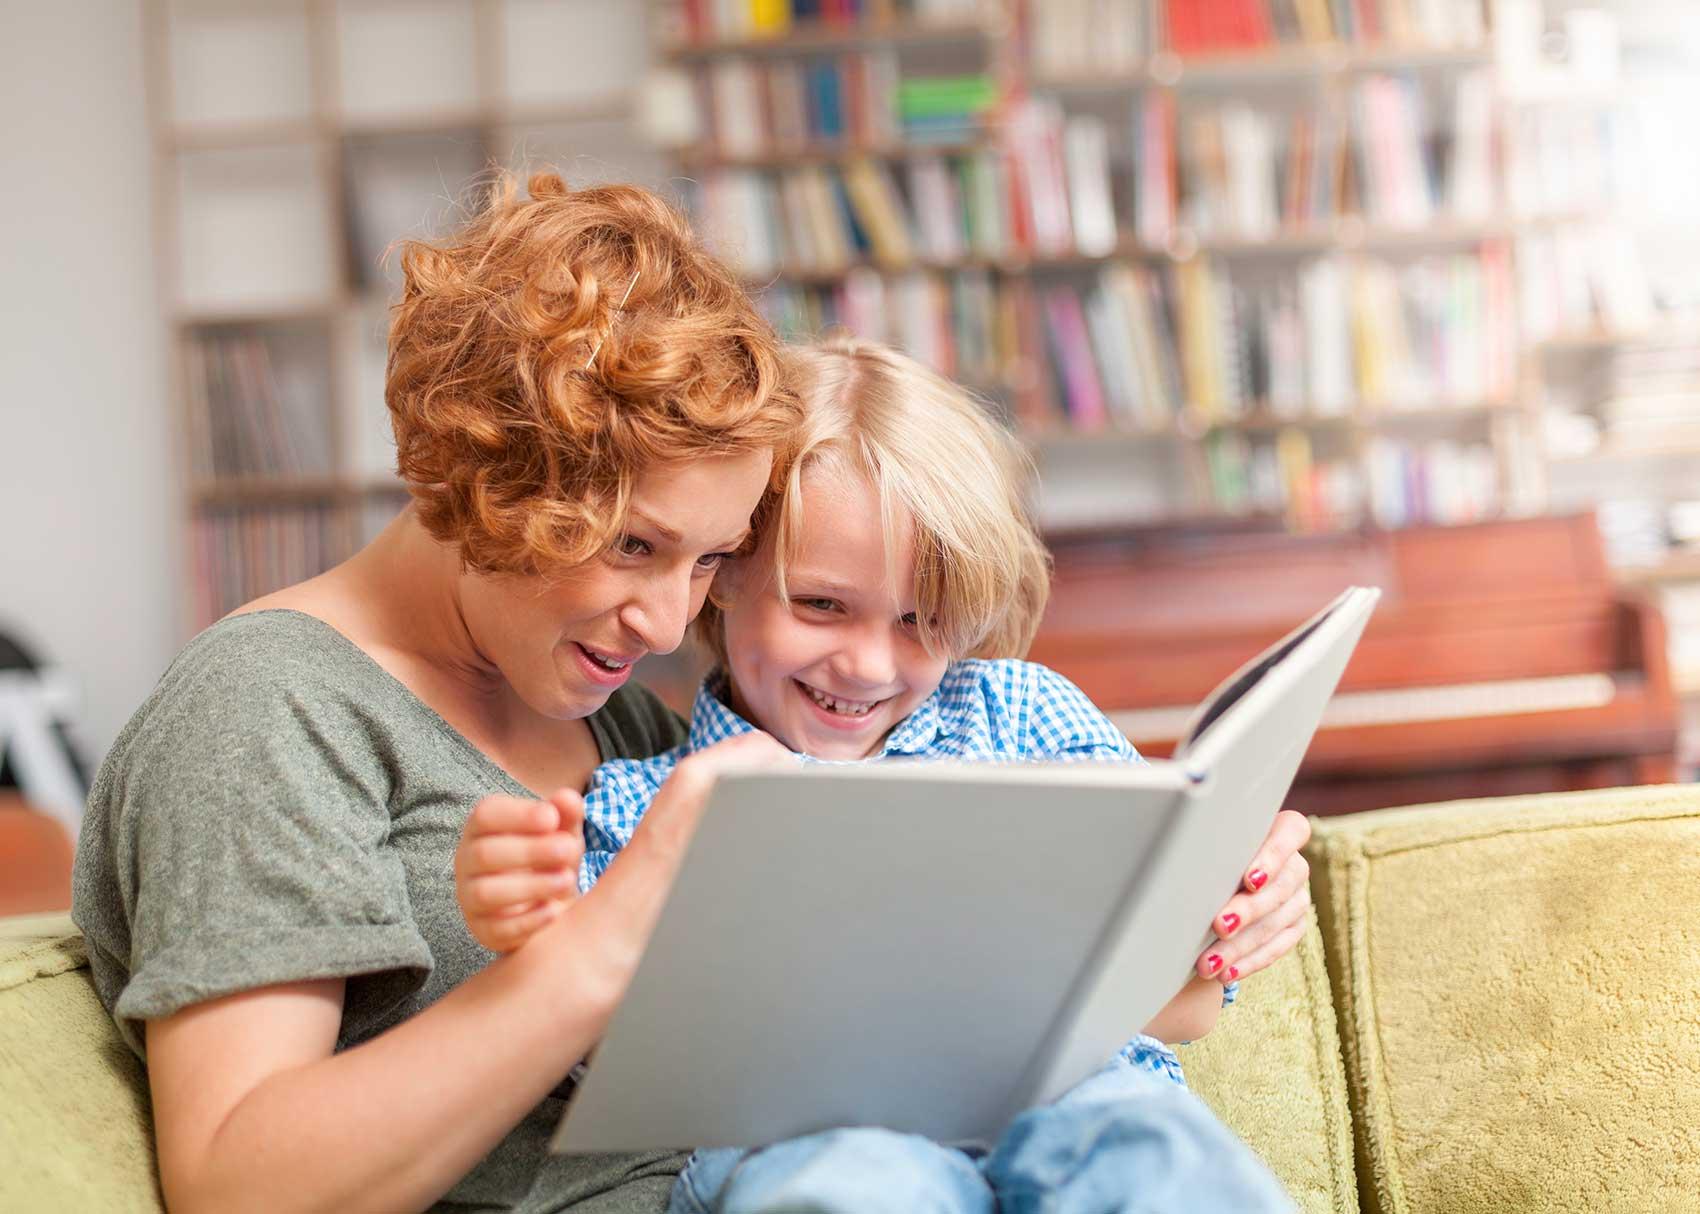 10 родительских терминов, о которых вы даже не подозревали, но без которых вам не обойтись